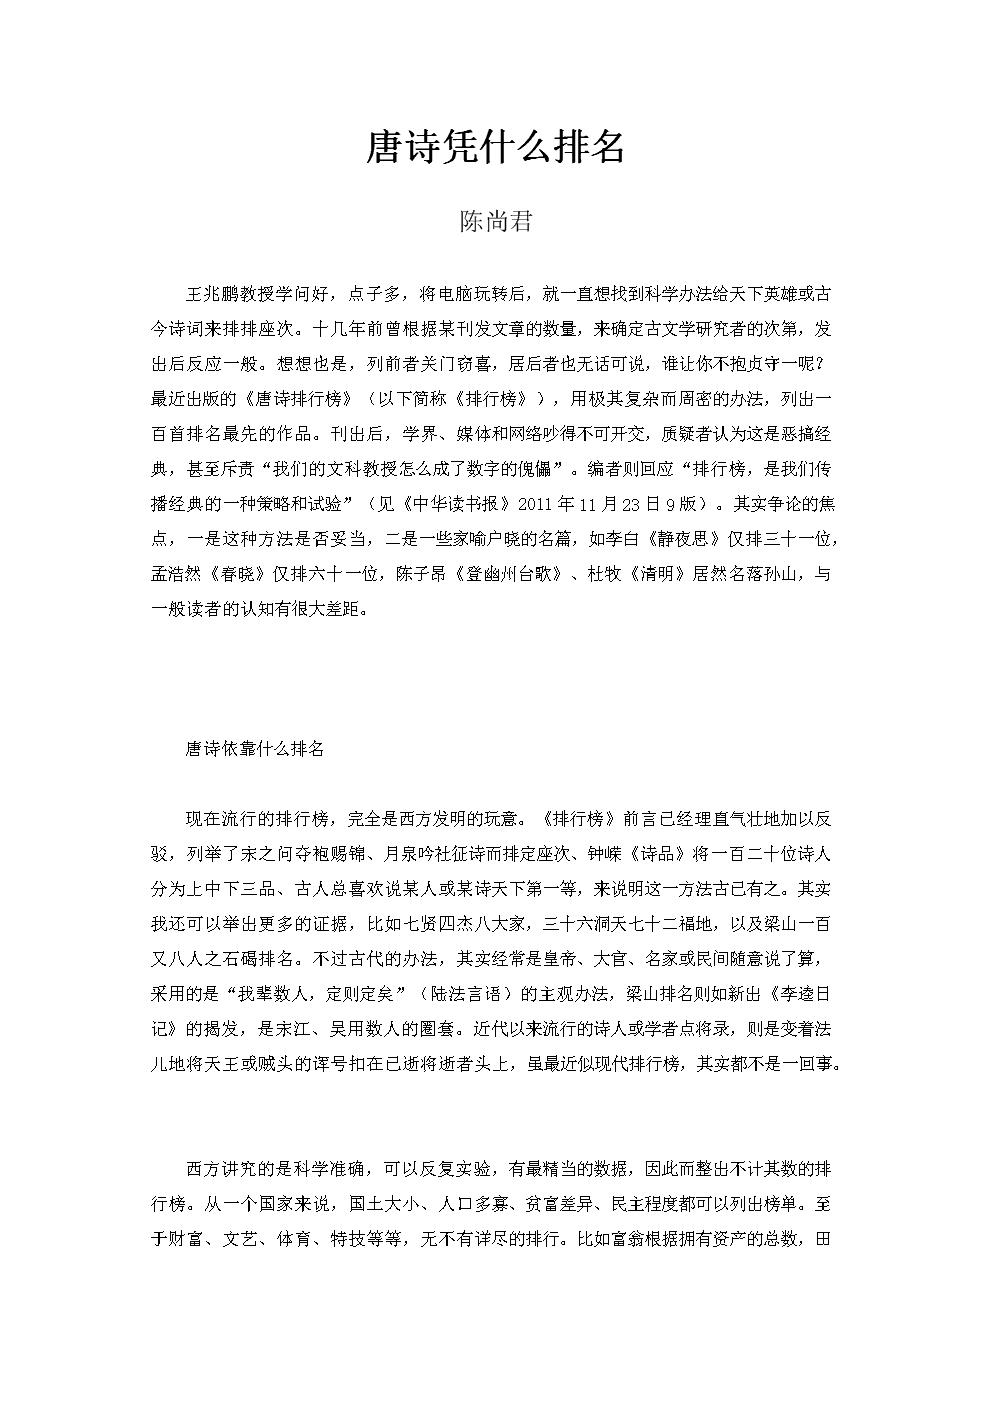 建设具有现代意义的中国文体学.docx